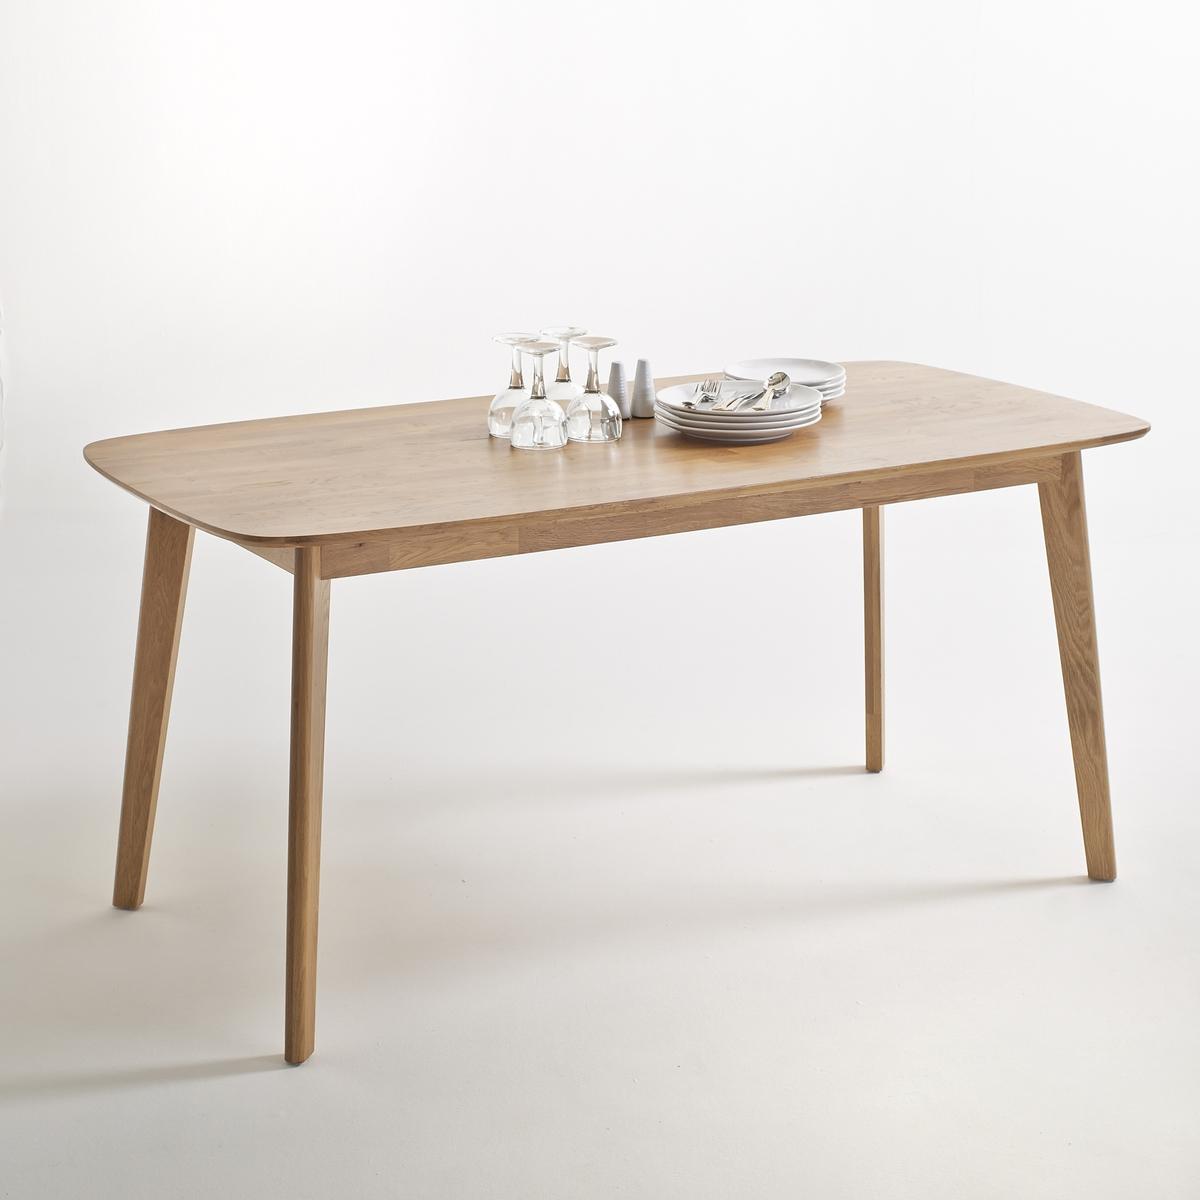 Стол La Redoute Из массива дуба на персон JIMI 6 персоны каштановый стол la redoute обеденный с удлинением персон jimi 10 персоны белый